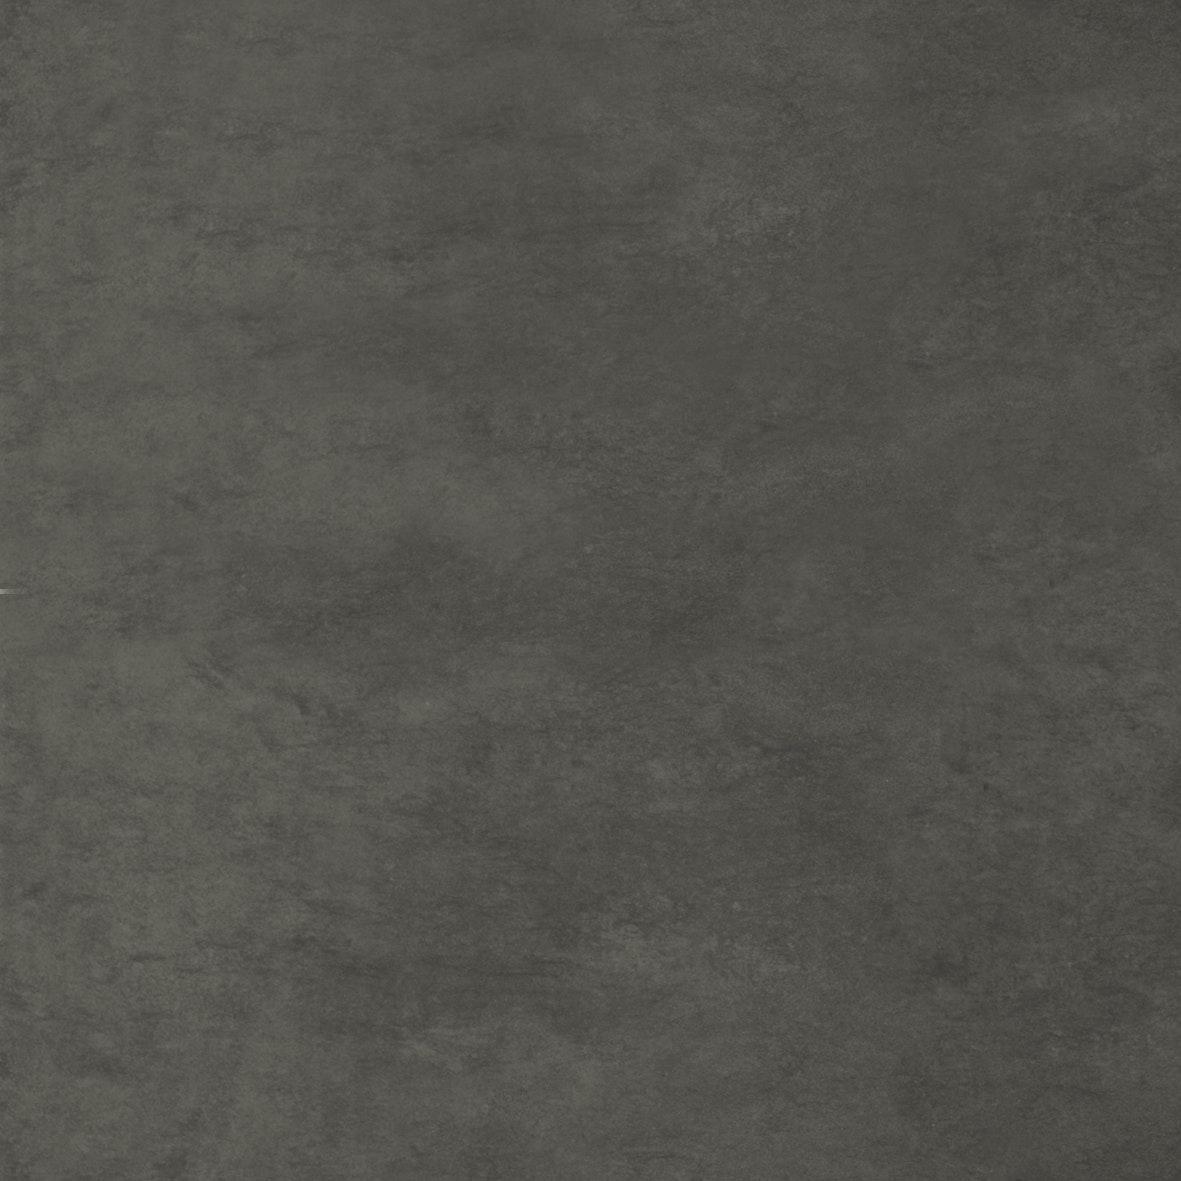 Klinker Masterker 10x10 cm Style Black 1m²/ pkt